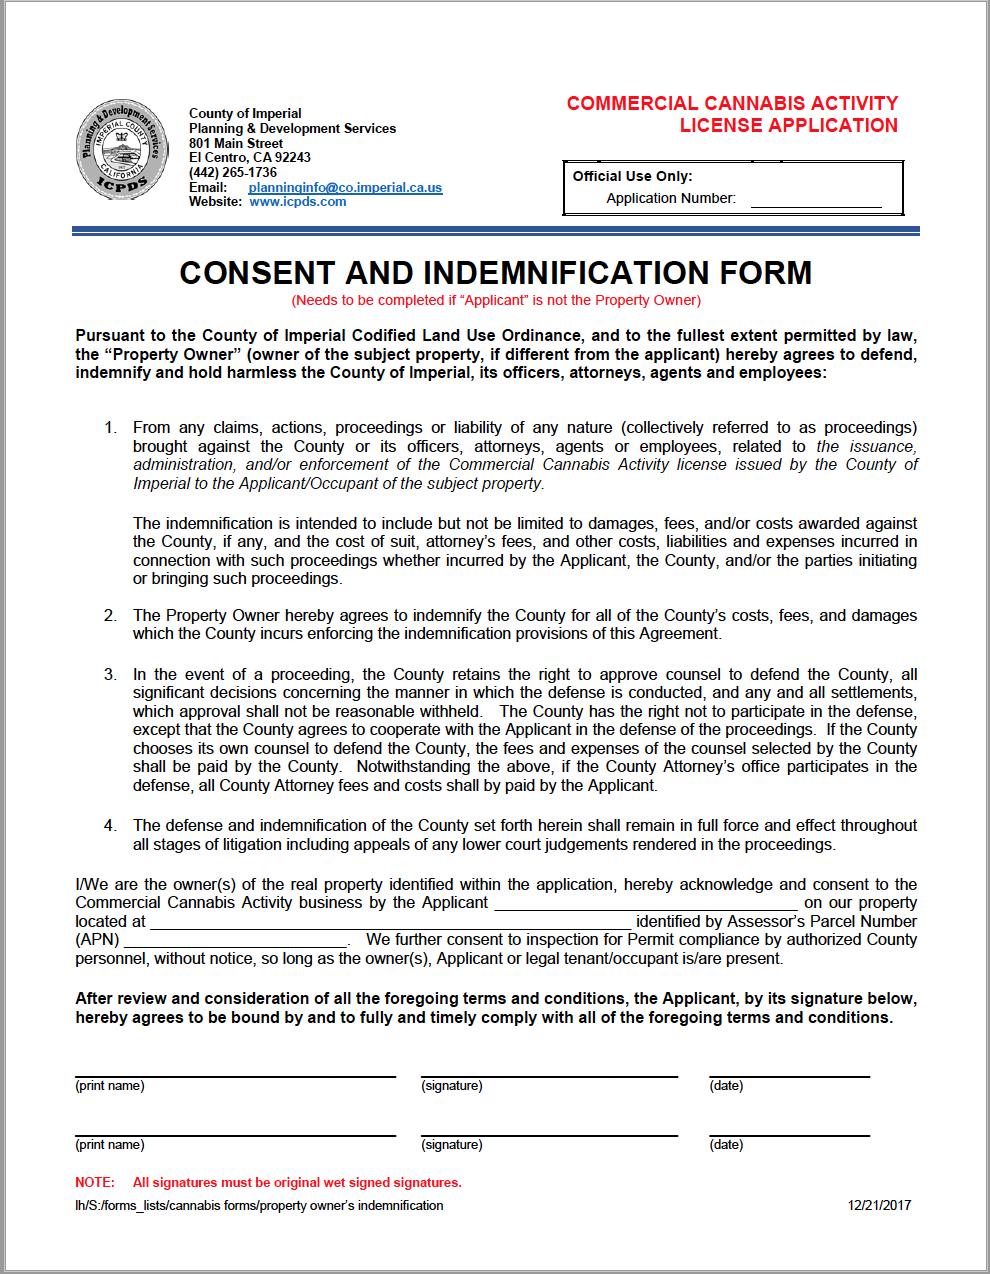 Indemnification Form.png